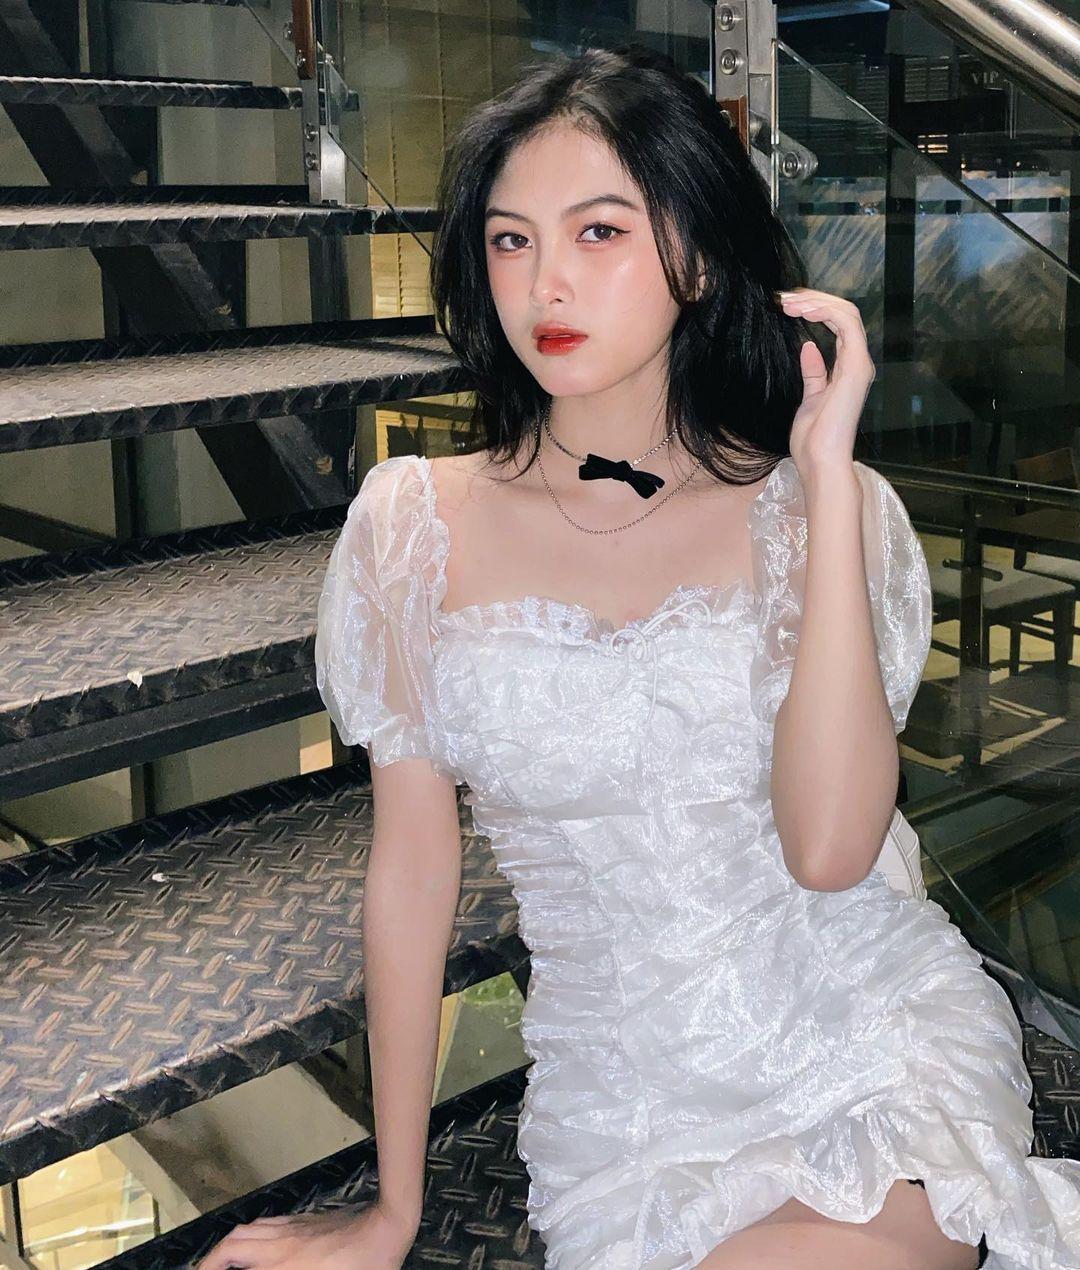 [人物]清纯越南妹子「Leely」辣穿奥黛,让人不被她掳获都不行啊. 养眼图片 第9张